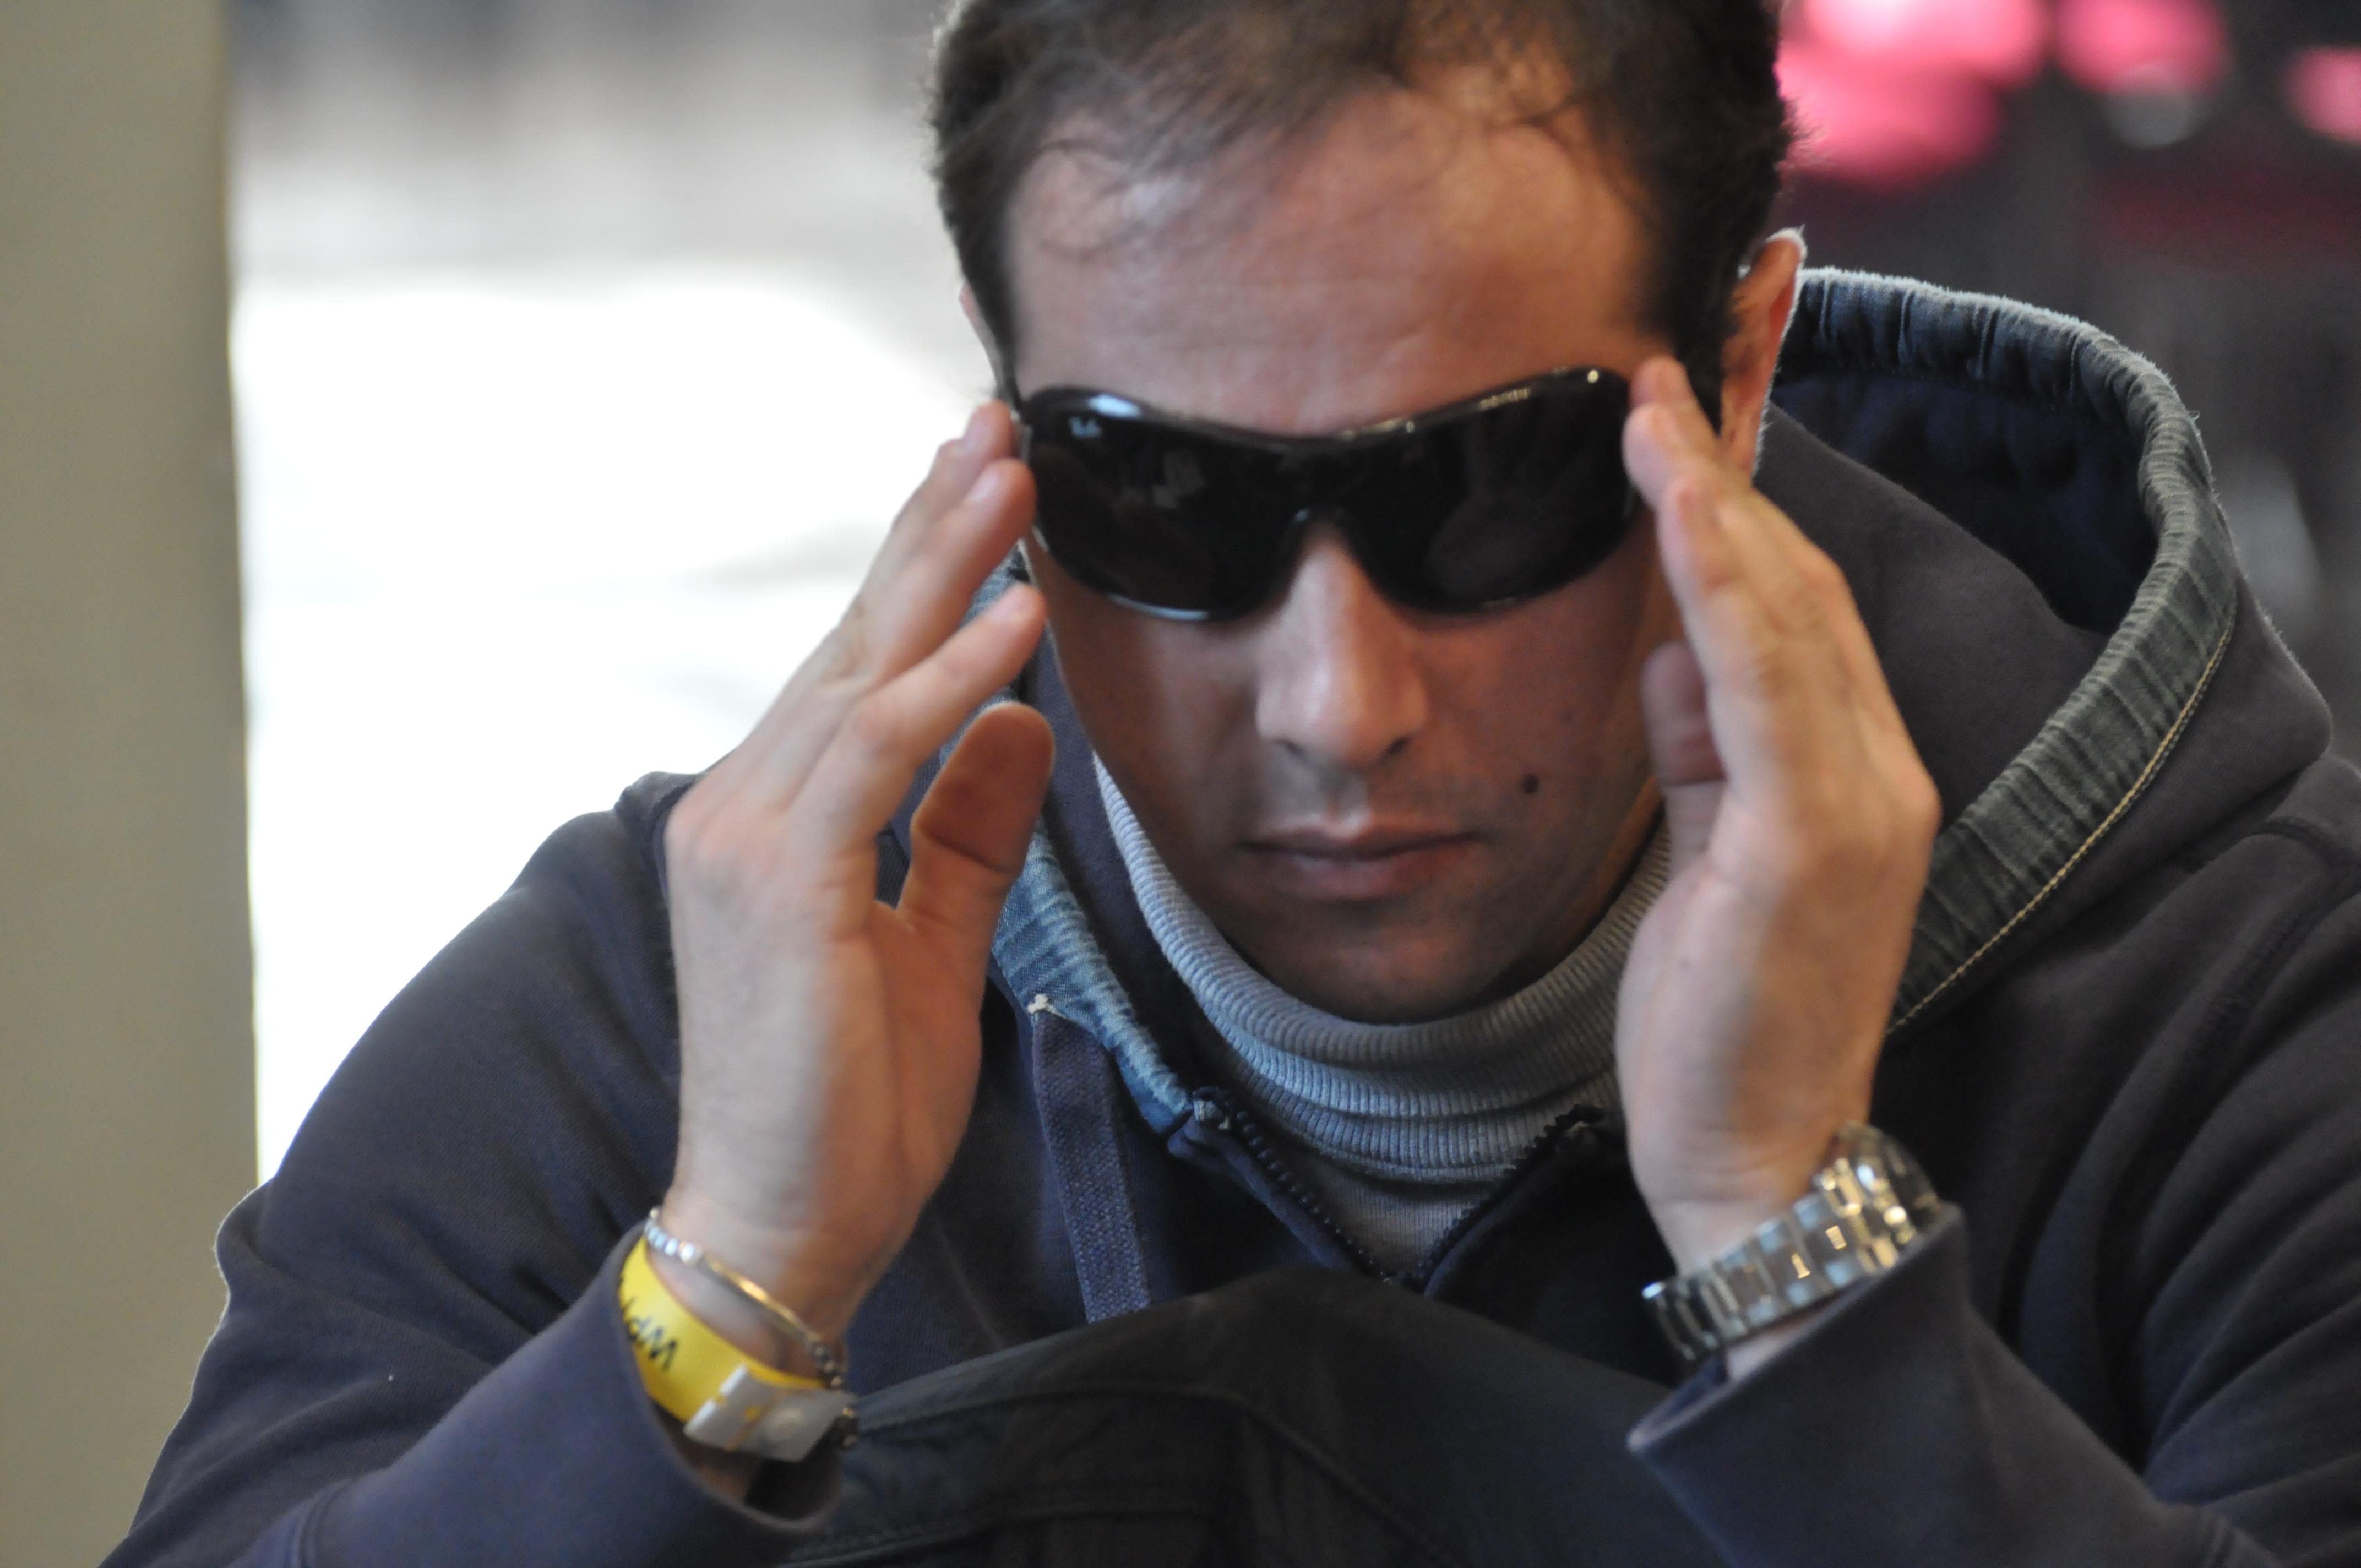 Paolo Della Penna, storico pokerista proveniente da Padova